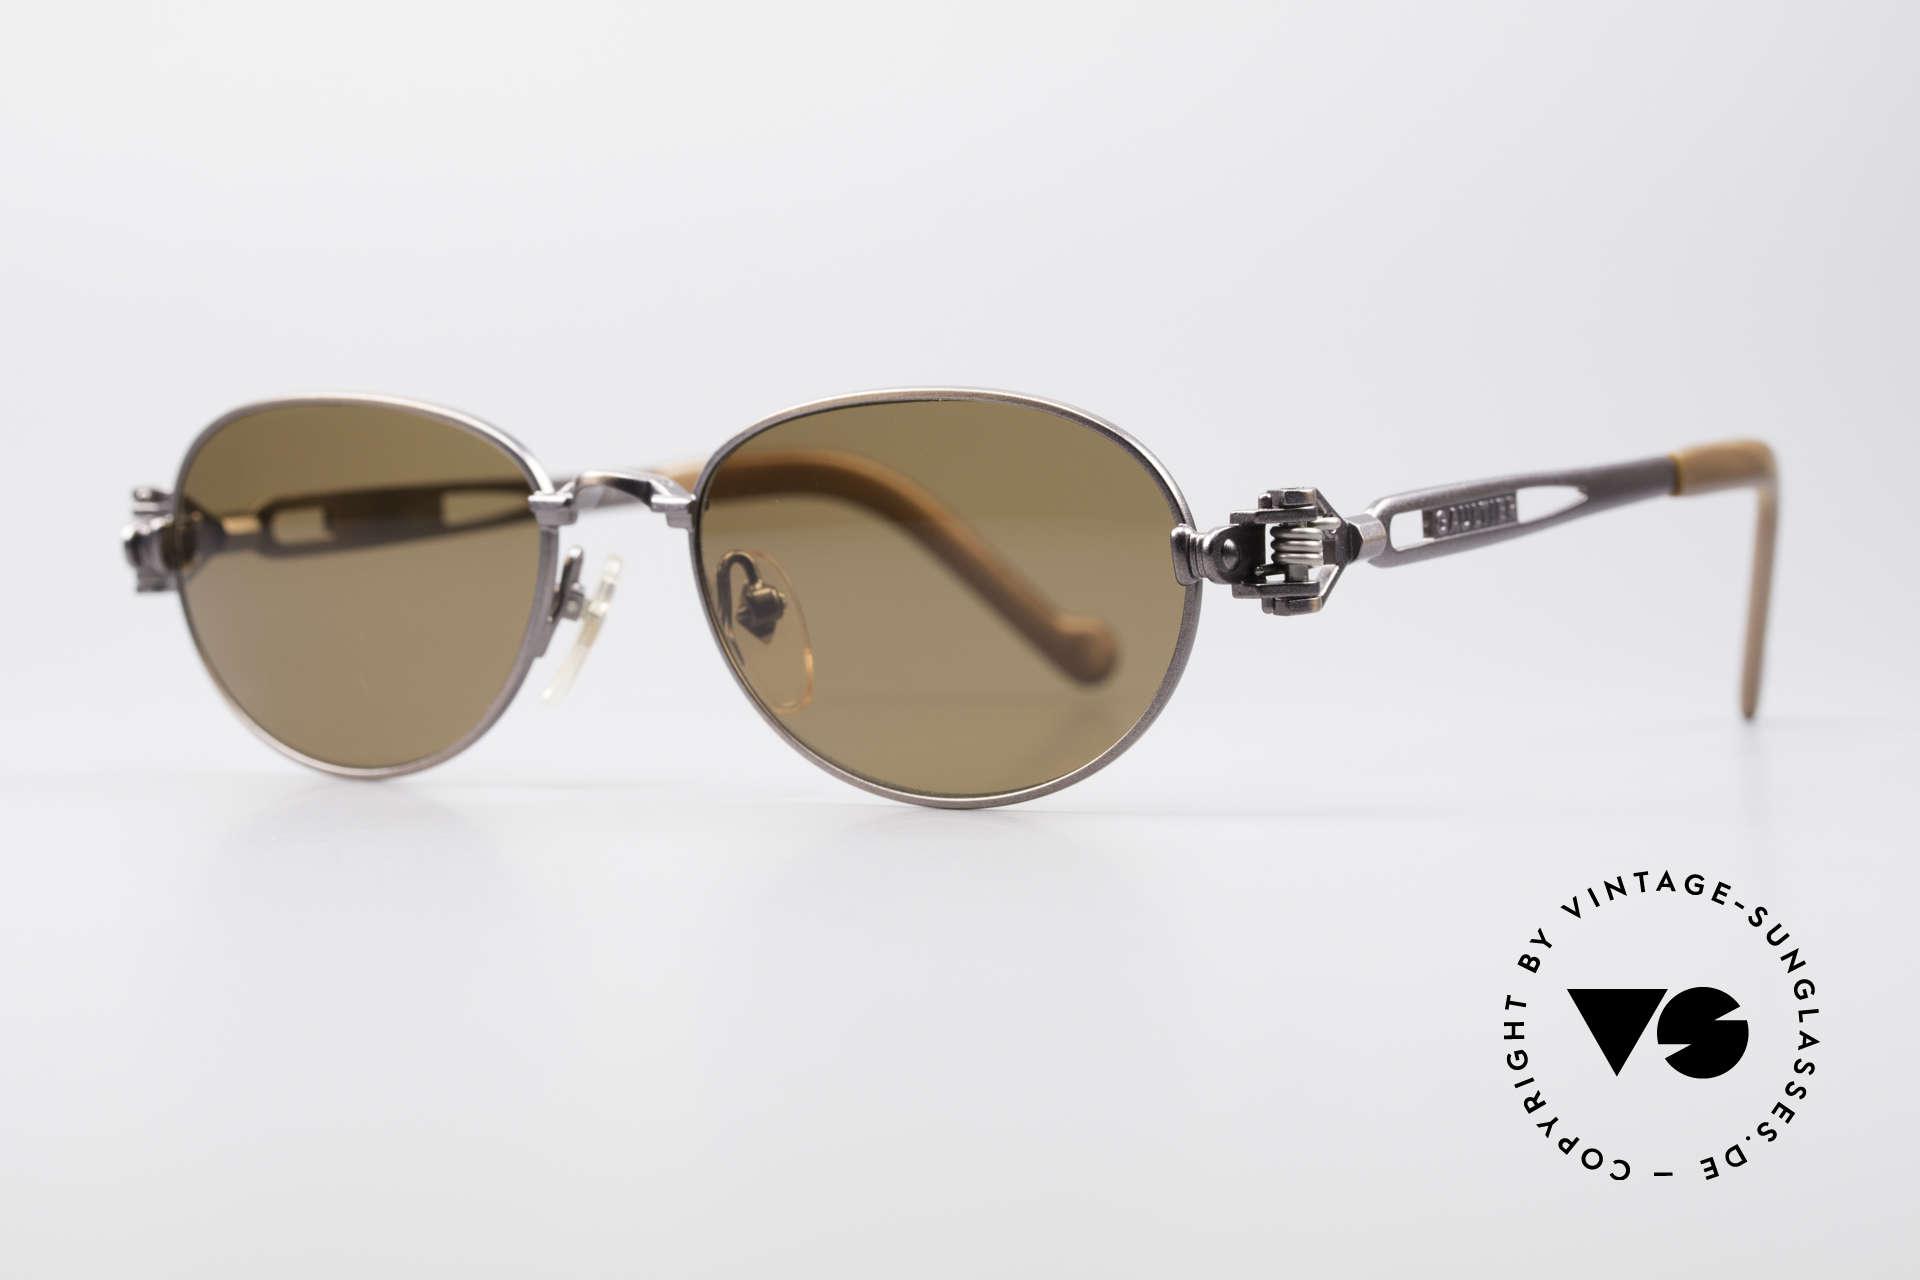 Jean Paul Gaultier 56-8102 Steampunk Vintage Brille, Brille mit vielen mechanischen Komponenten / Details, Passend für Herren und Damen